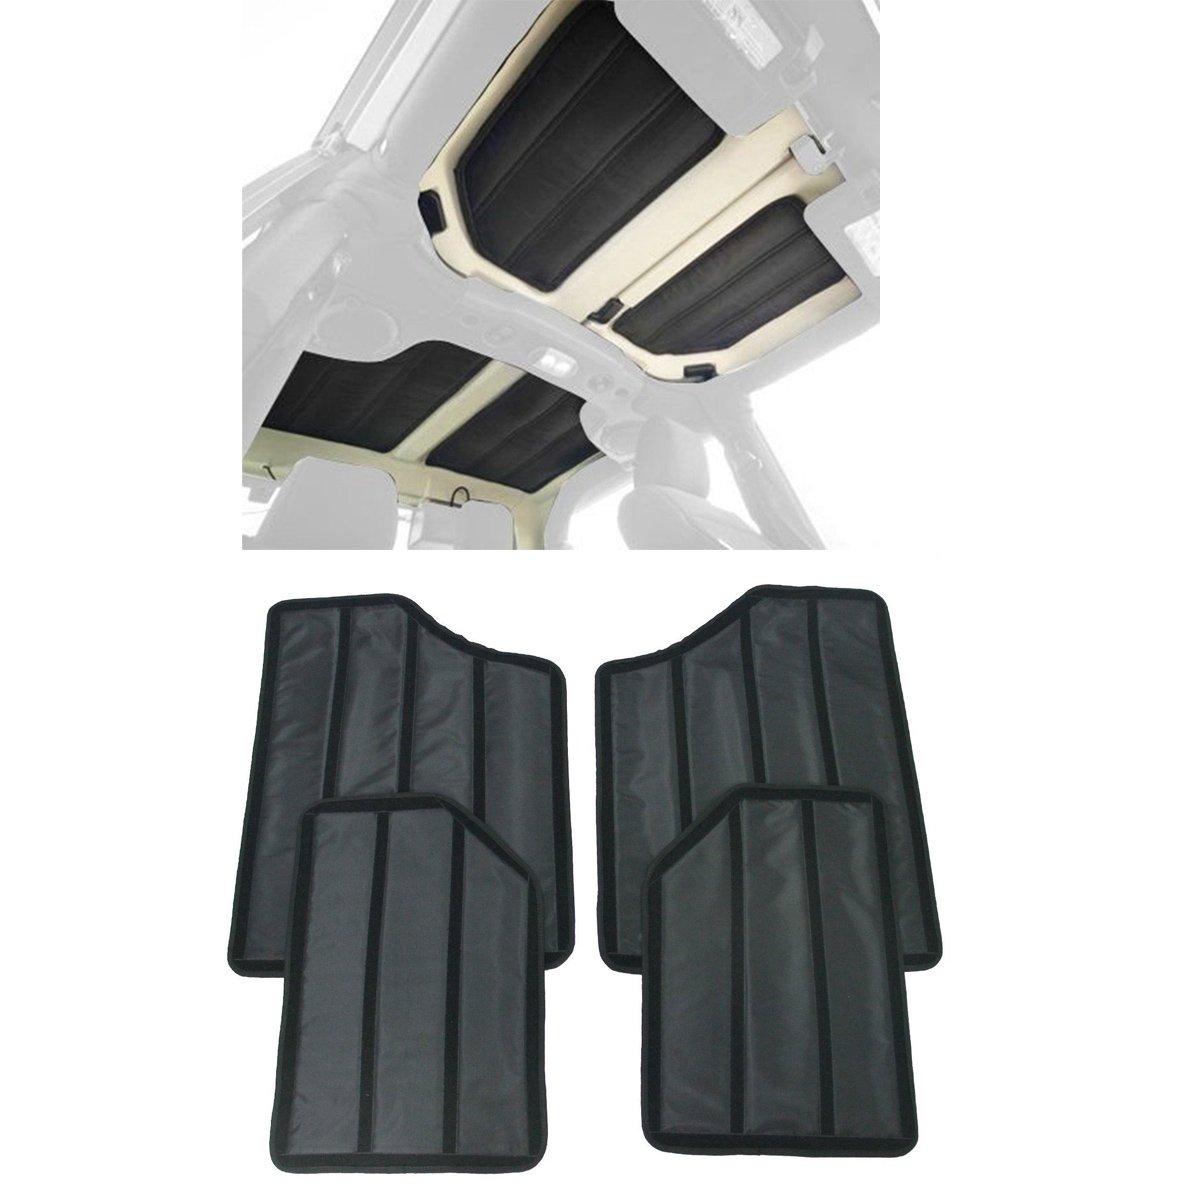 MOEBULB Hardtop Sound Deadener Insulation Black for Jeep Wrangler 2 door 2012 2013 2014 2015 2016 2017 (2-Door) by MOEBULB